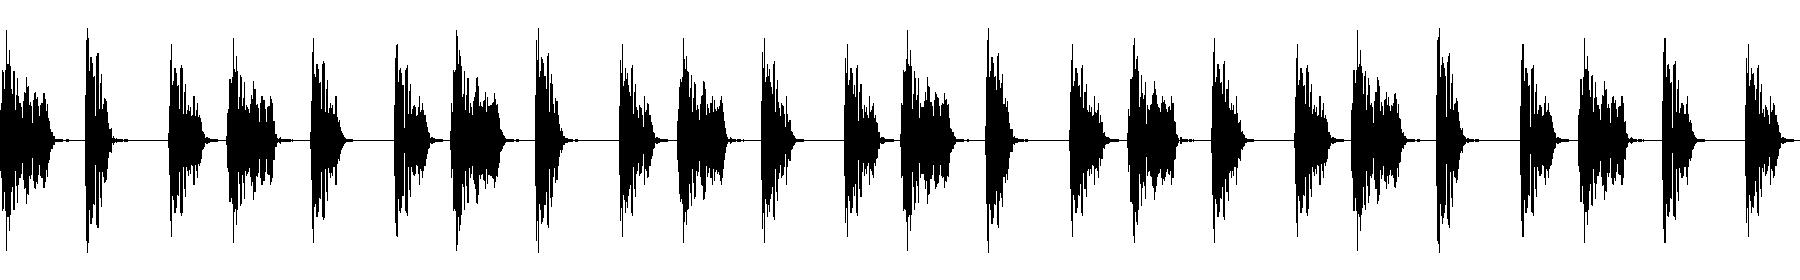 pth bass 07